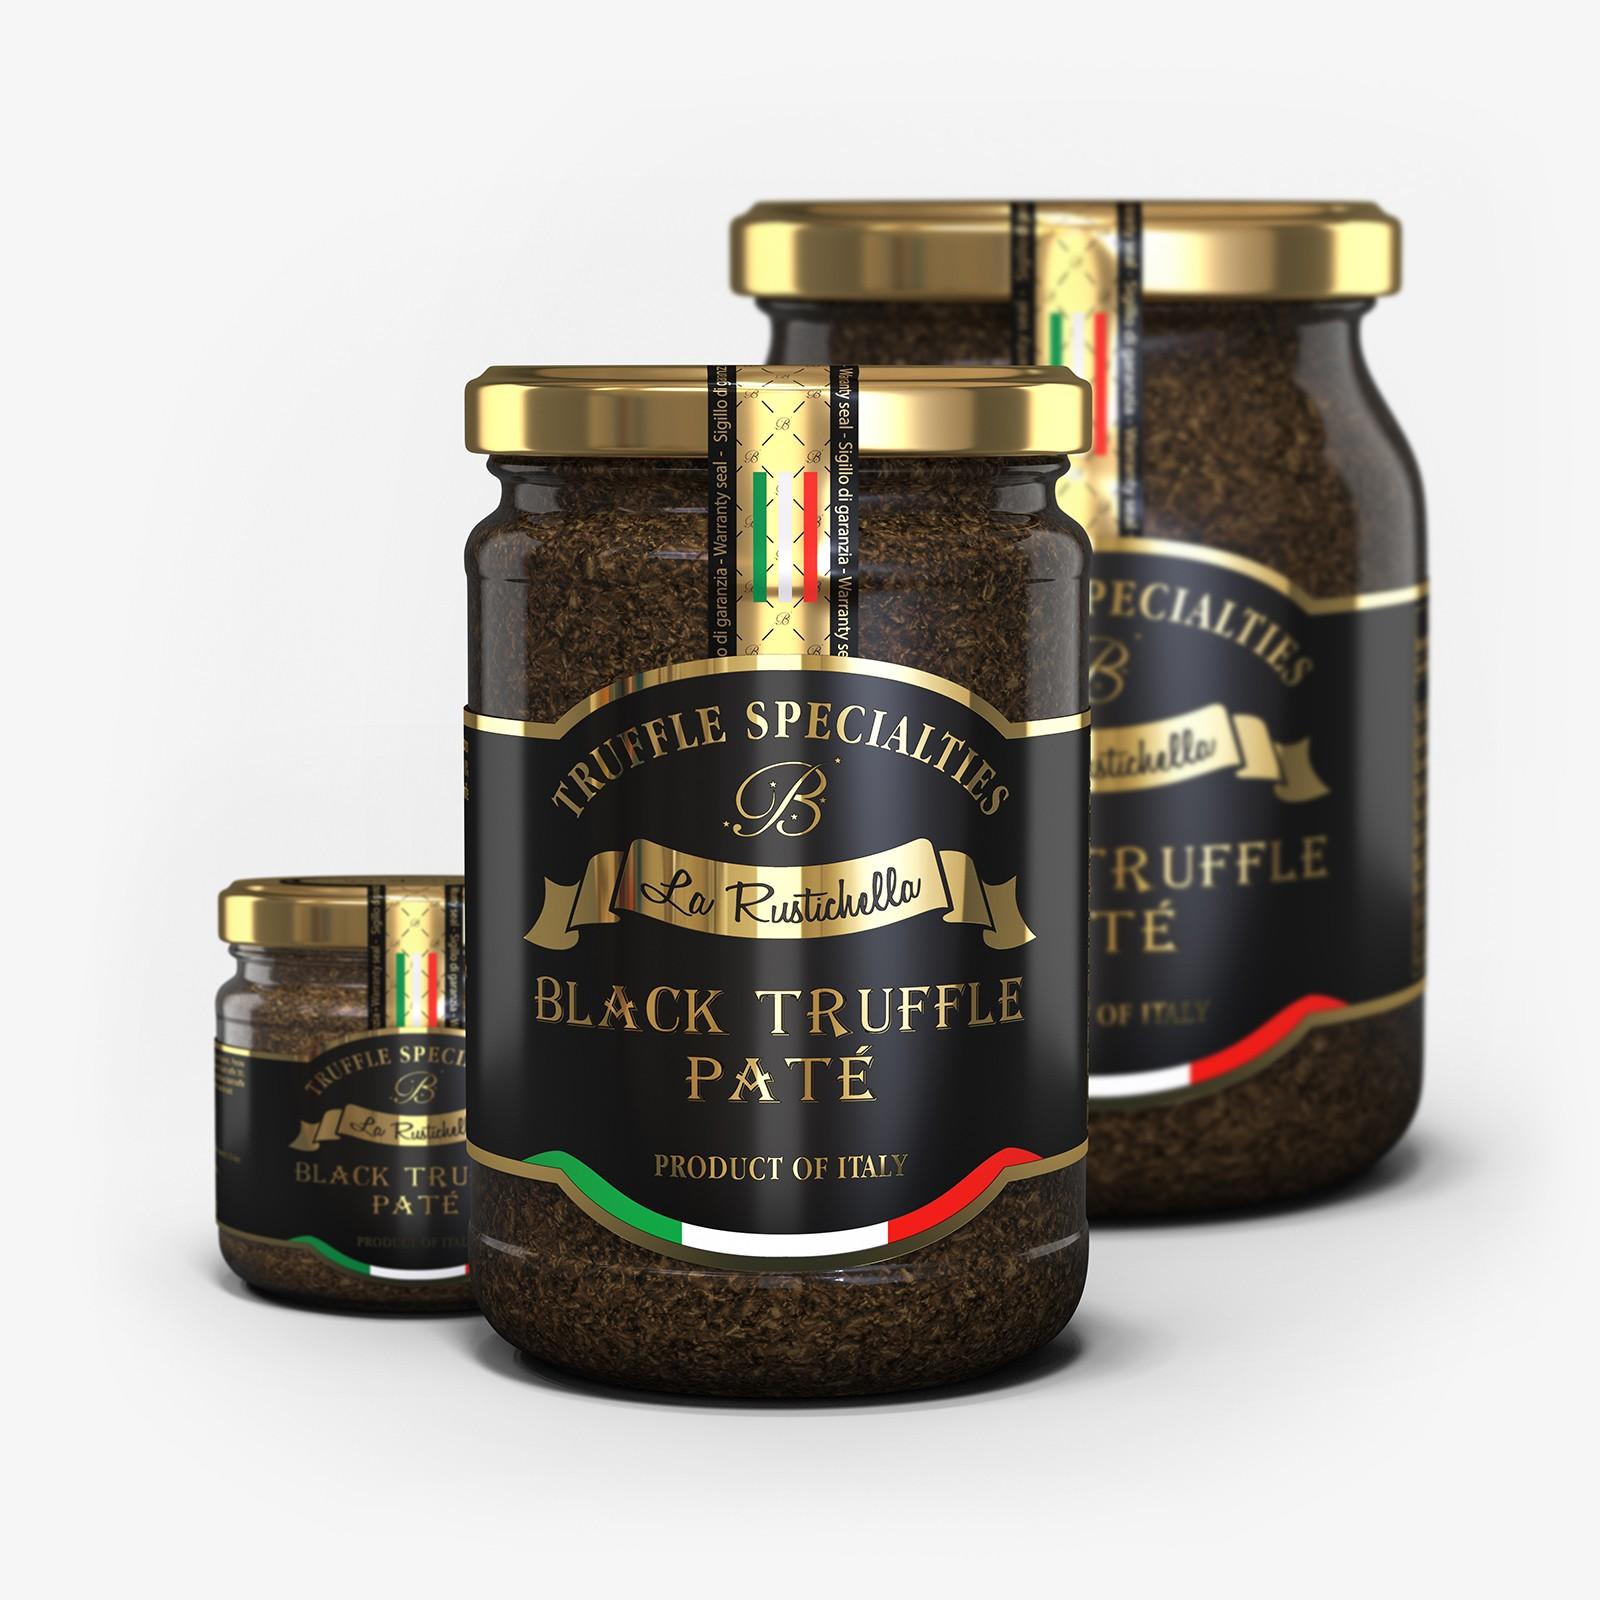 Black Truffle Patè